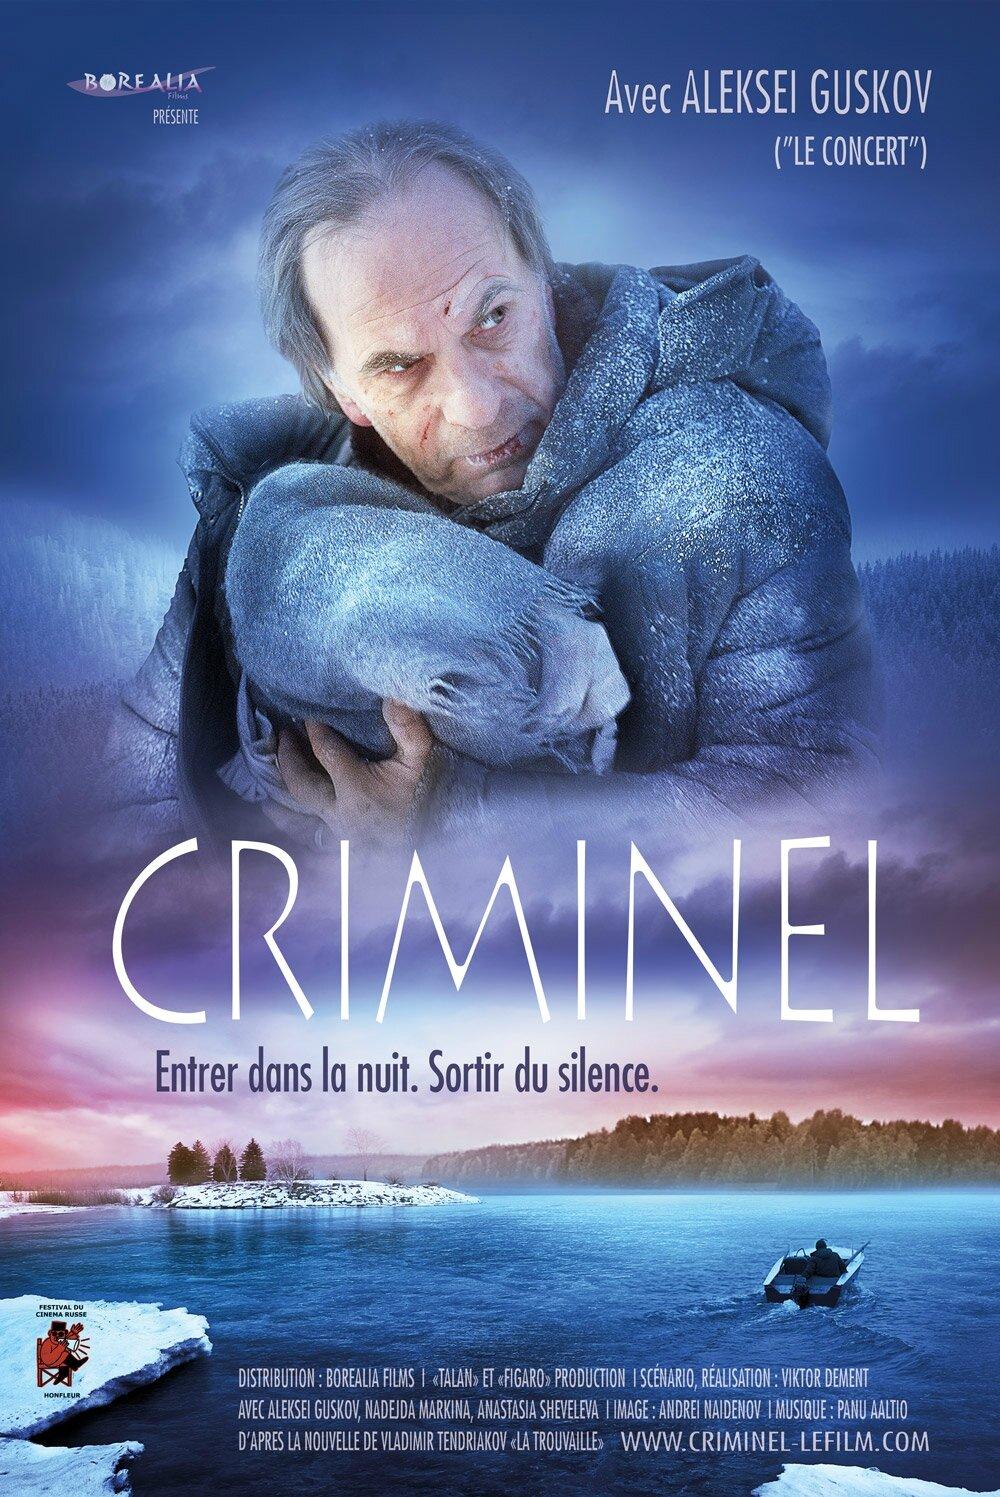 Avant-première du film CRIMINEL le 8 mars à Paris en présence du réalisateur